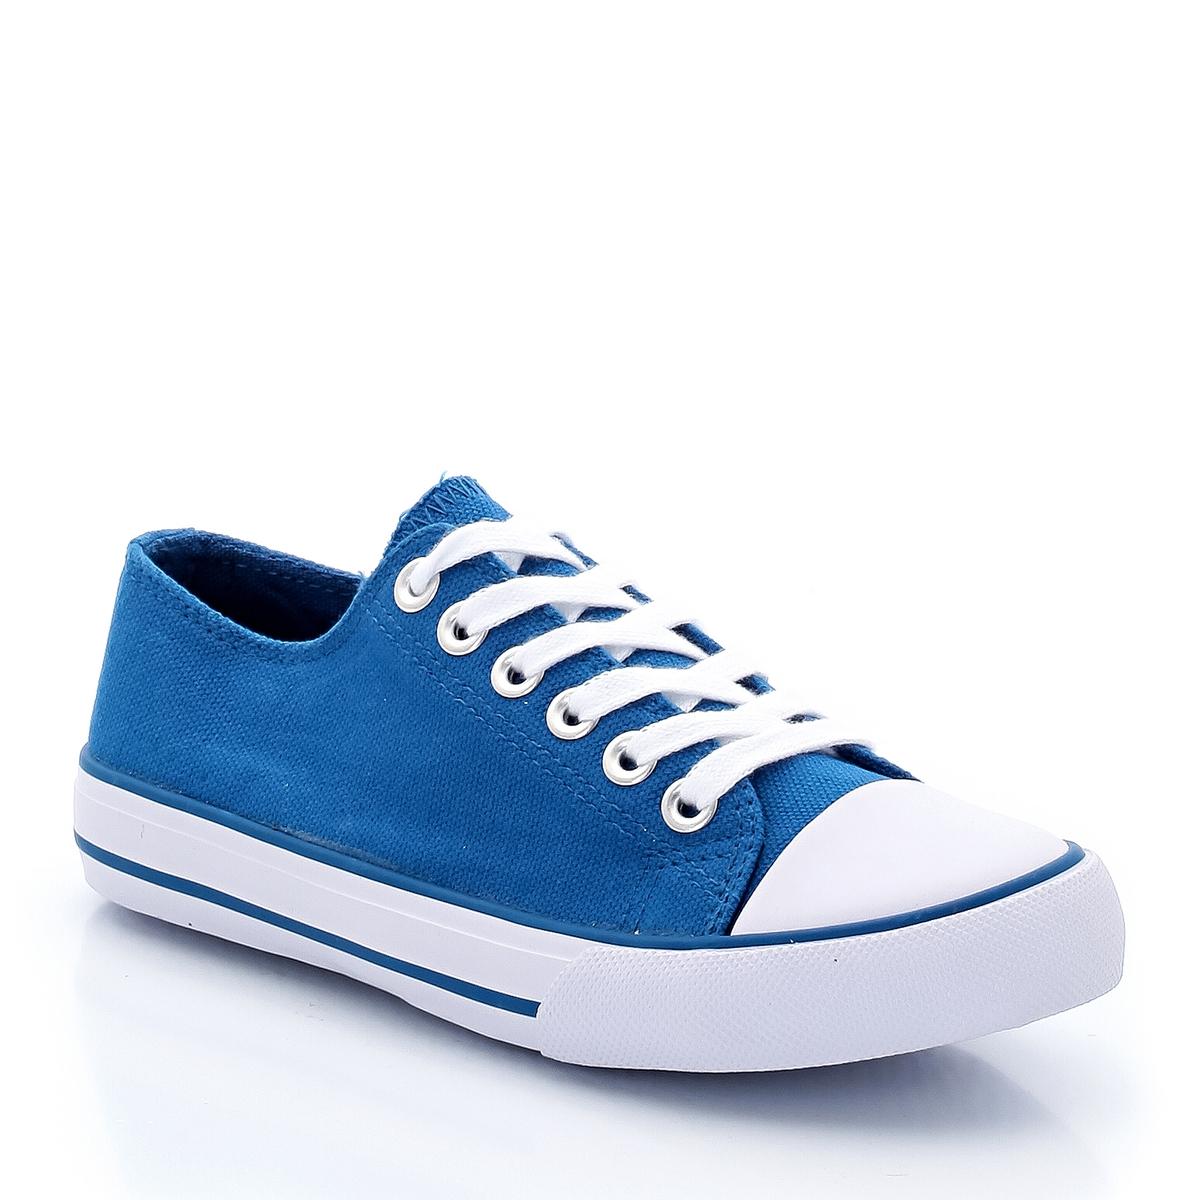 Кеды из тканиДетали   •  Спортивный стиль •  Плоский каблук •  Застежка : шнуровка •  Гладкая отделкаСостав и уход   • Верх 100% хлопок  •  Подкладка 100% хлопок •  Стелька 100% хлопок   •  Подошва 100% каучук<br><br>Цвет: синий,темно-синий<br>Размер: 26.28.40.30.34.27.39.28.32.27.35.30.37.38.33.34.37.36.29.39.31.36